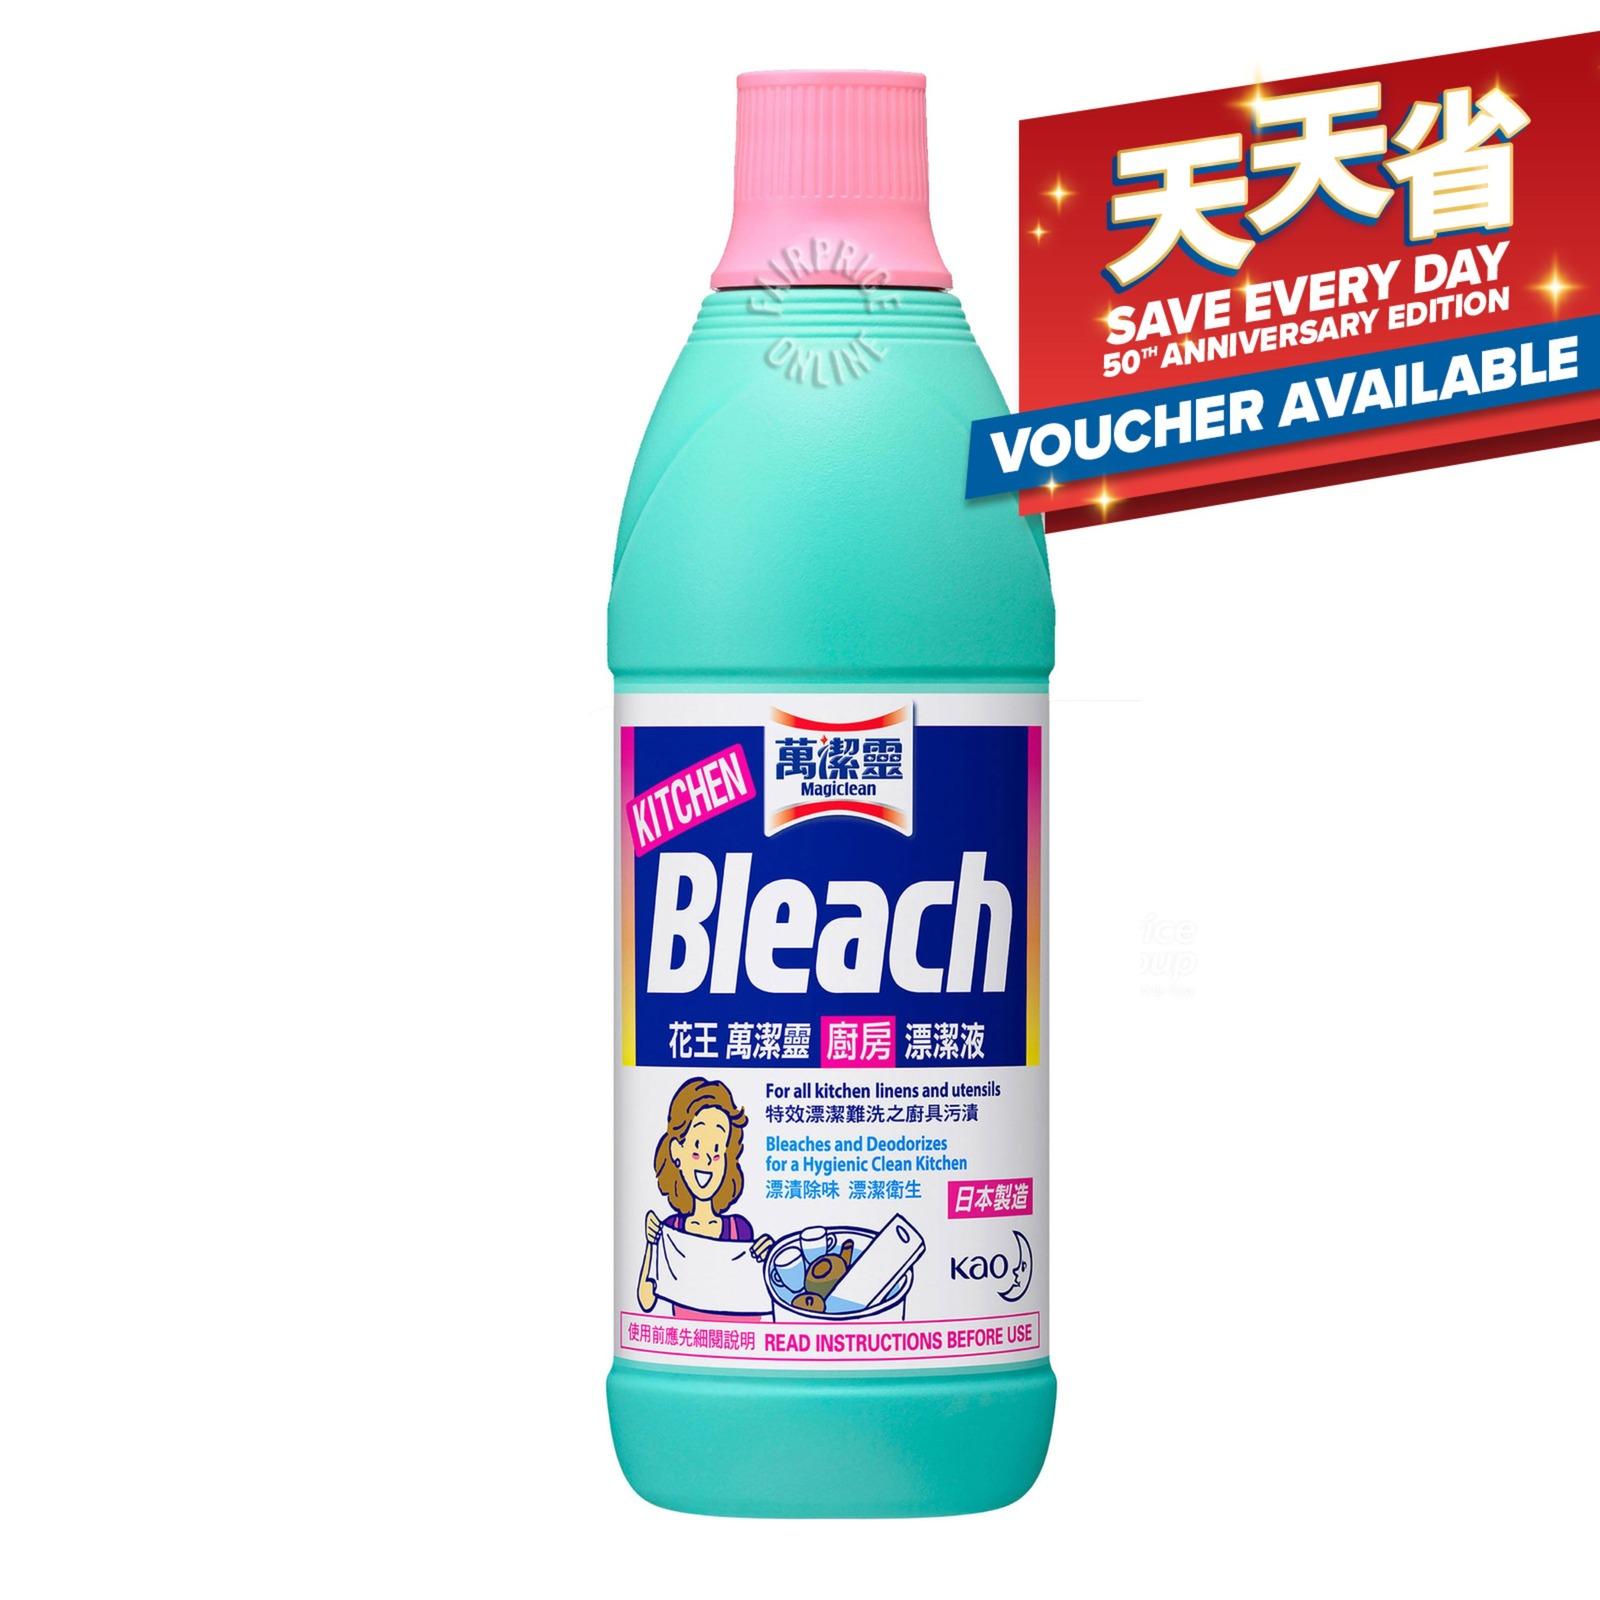 Magiclean Kitchen Bleach